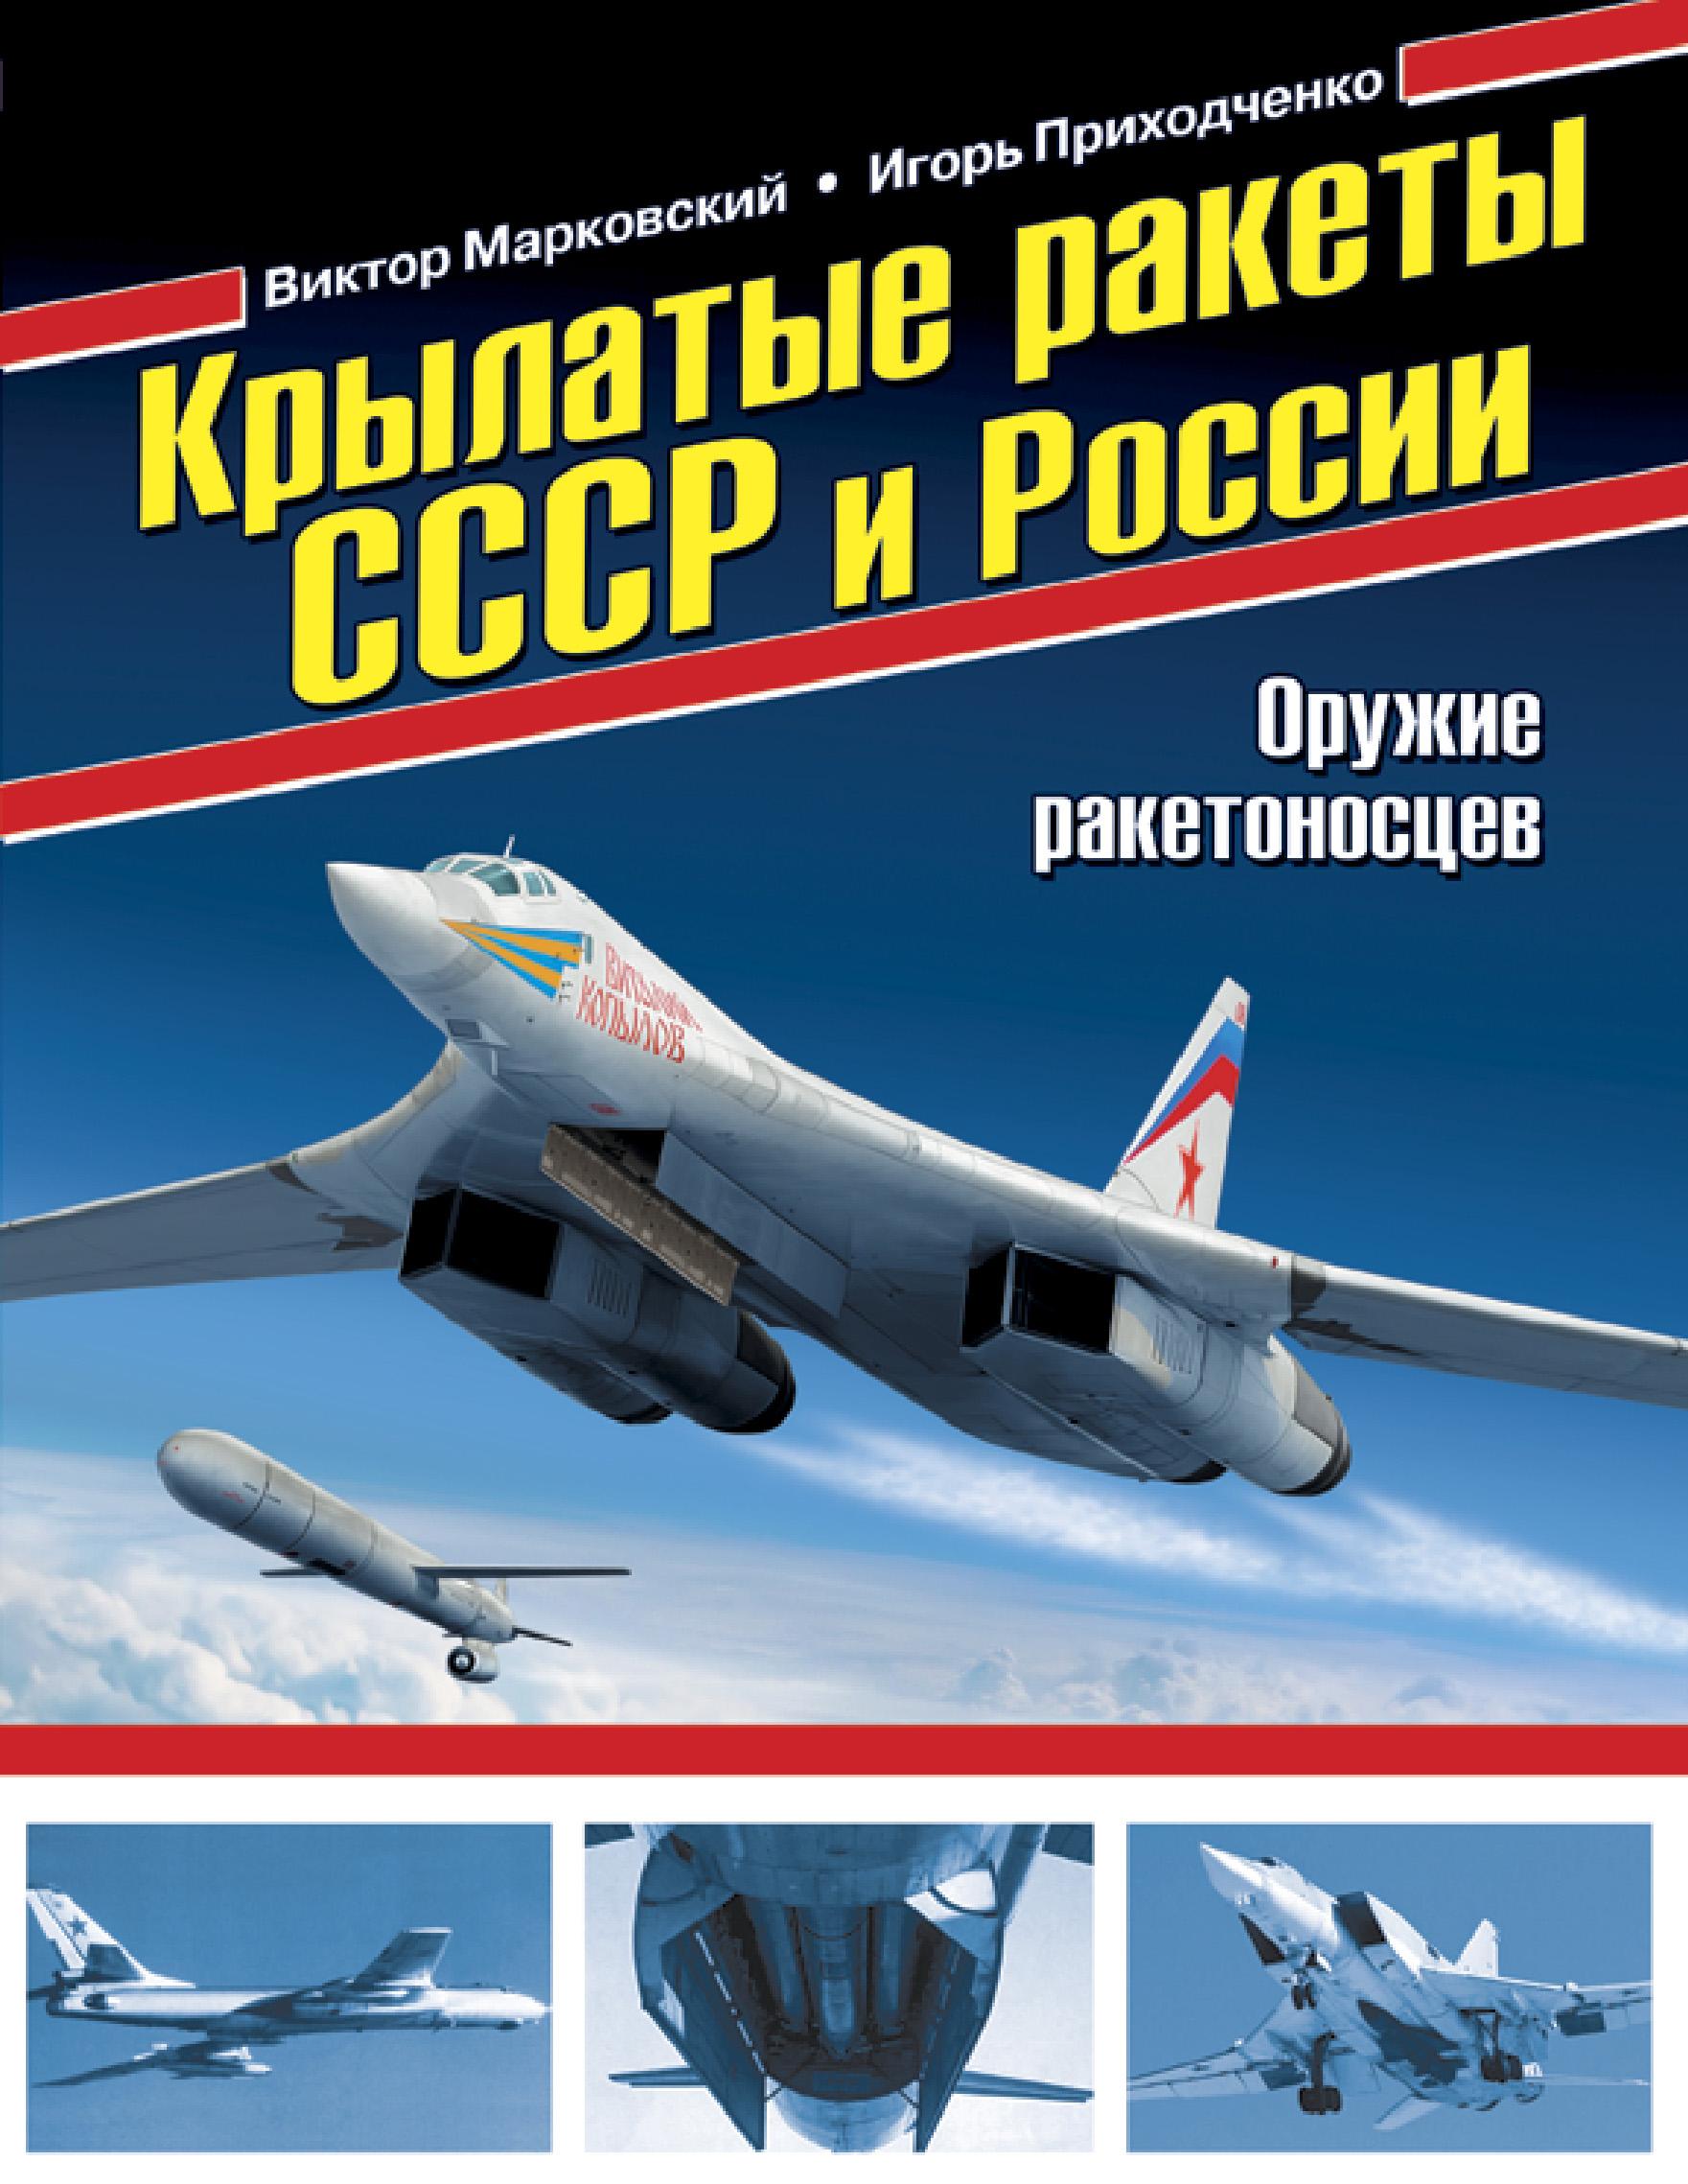 Книга Крылатые ракеты СССР и России. Оружие ракетоносцев